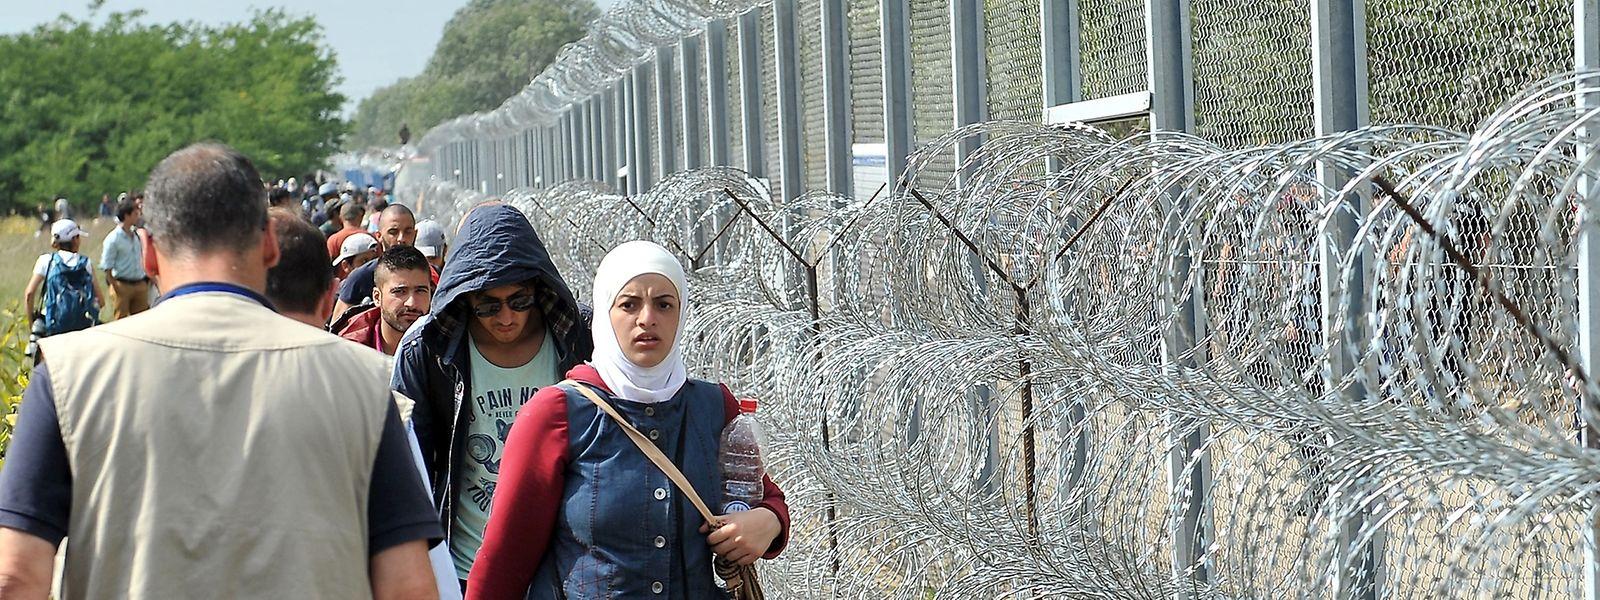 Wie hier an der Grenze zu Serbien, soll ebenfalls an der ungarisch-rumänischen Grenze ein Zaun entstehen.